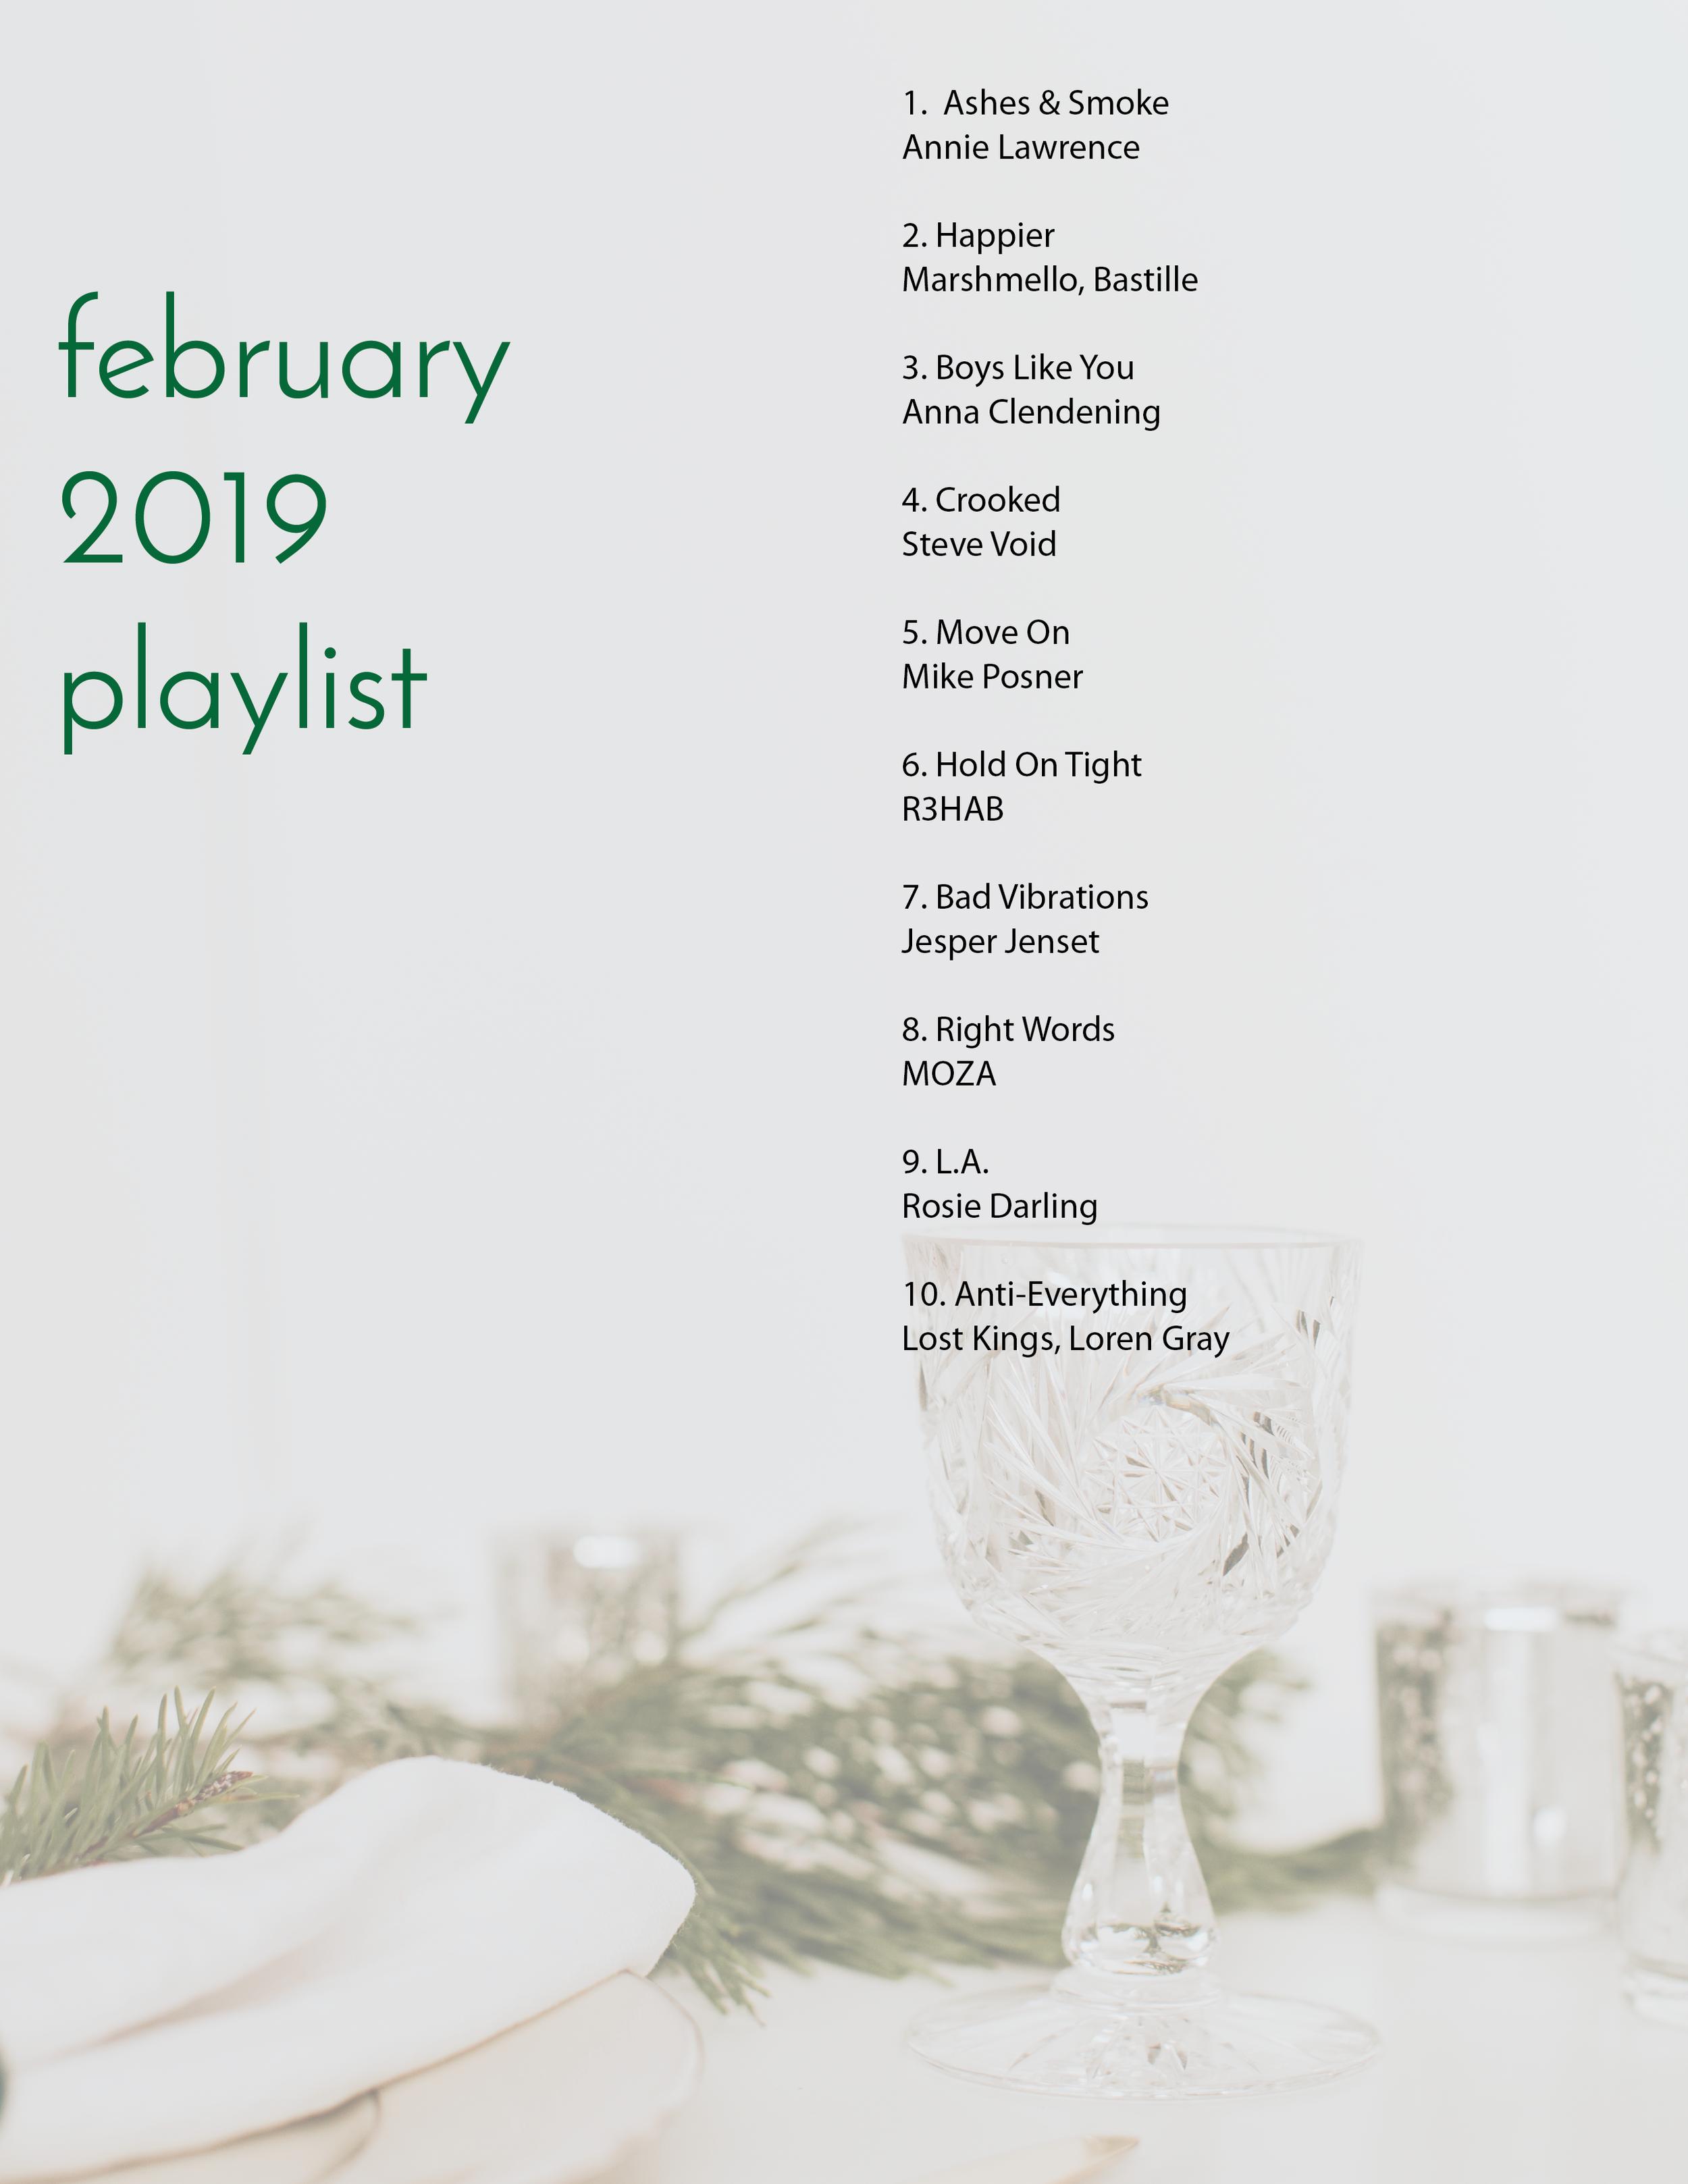 ec_playlist-01.png